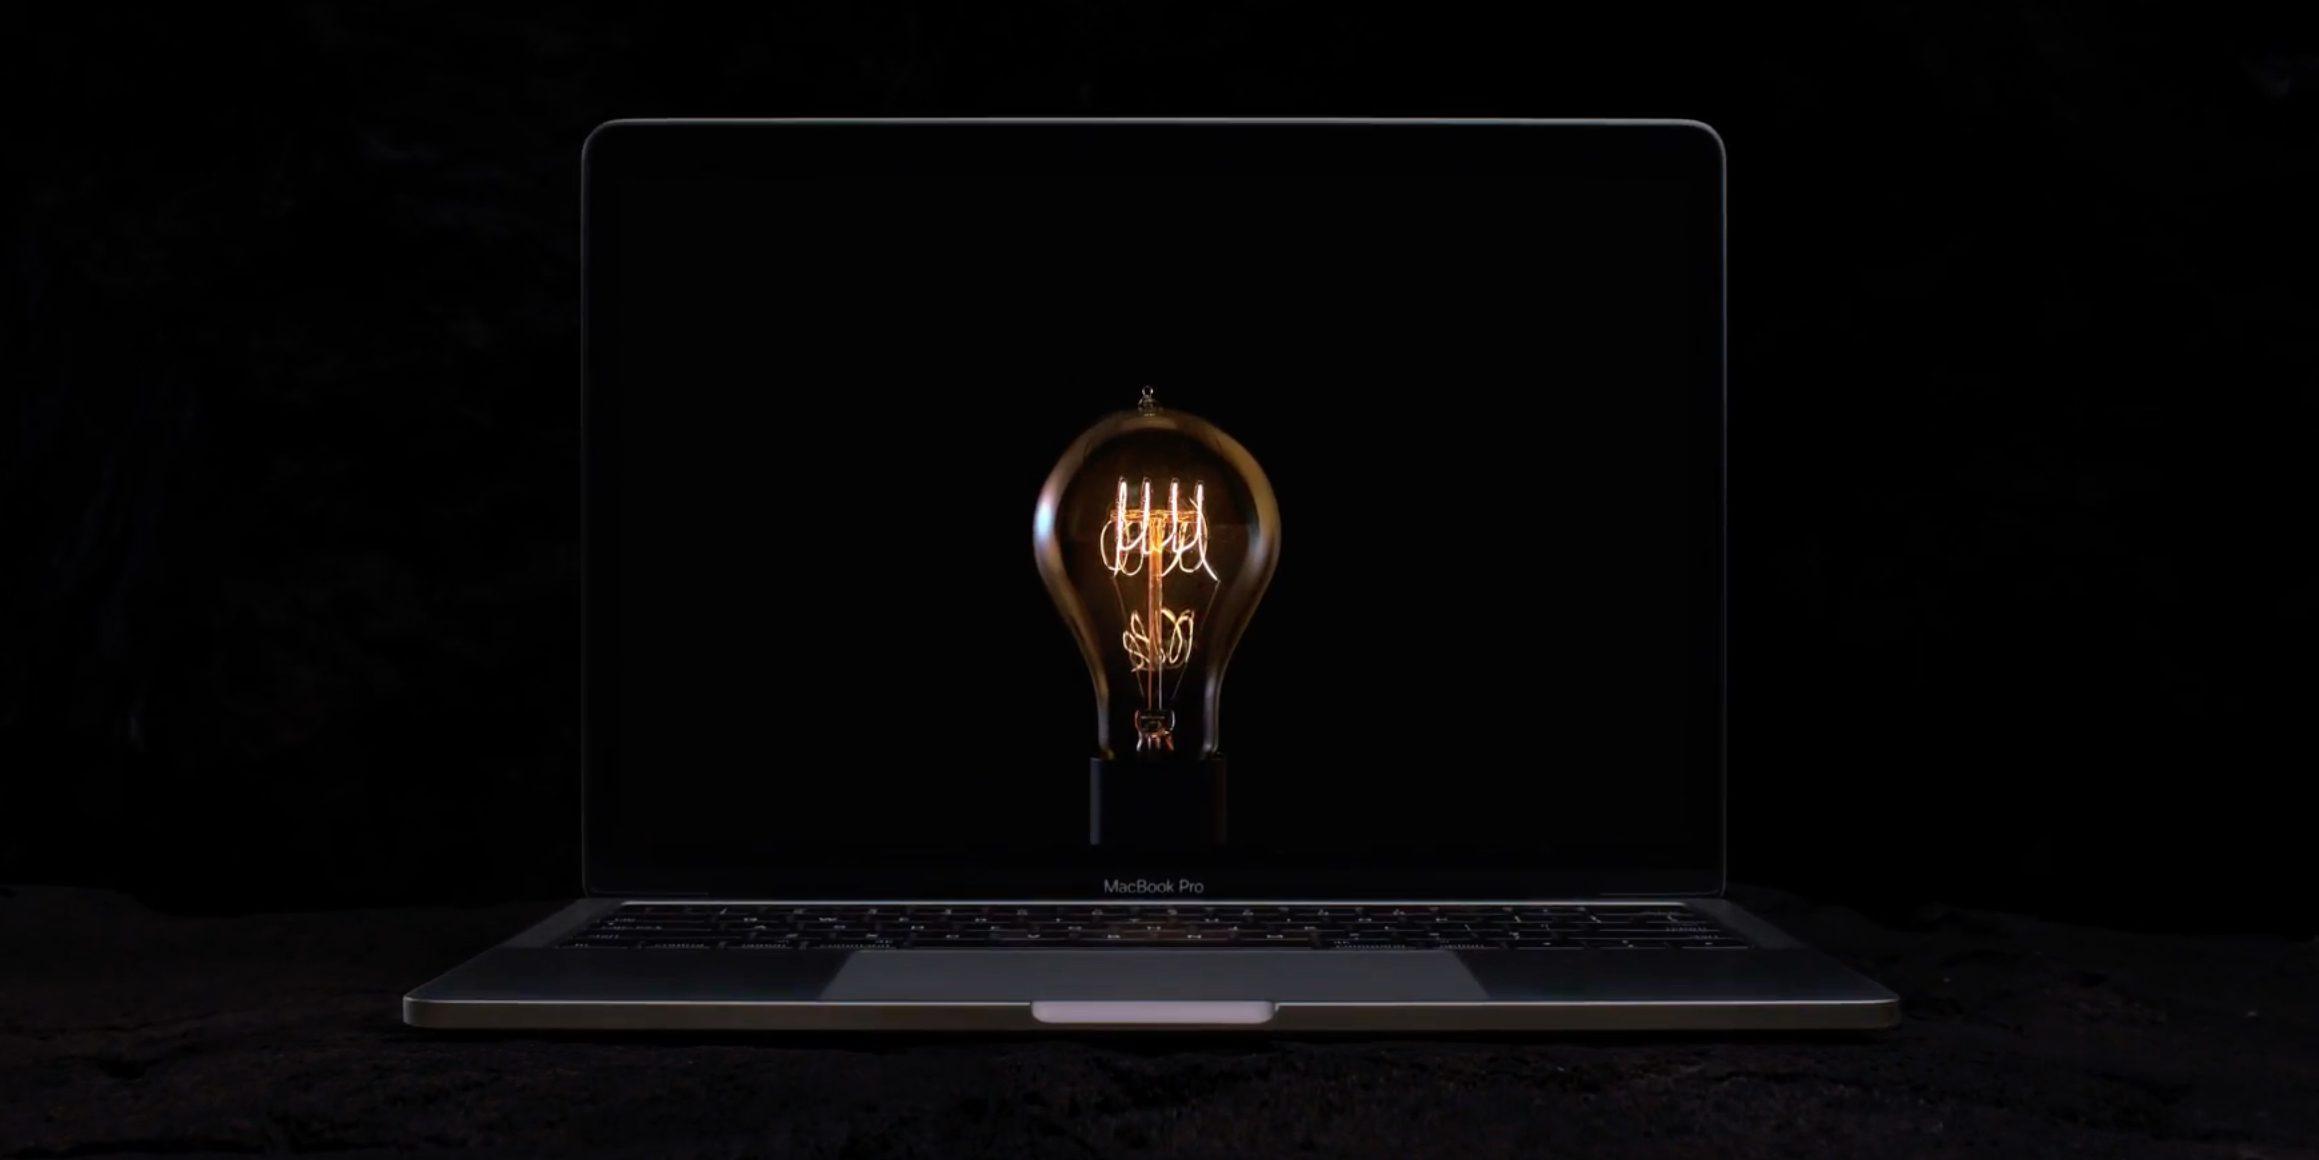 Apple rilascia la prima pubblicità dei MacBook Pro con Touch Bar